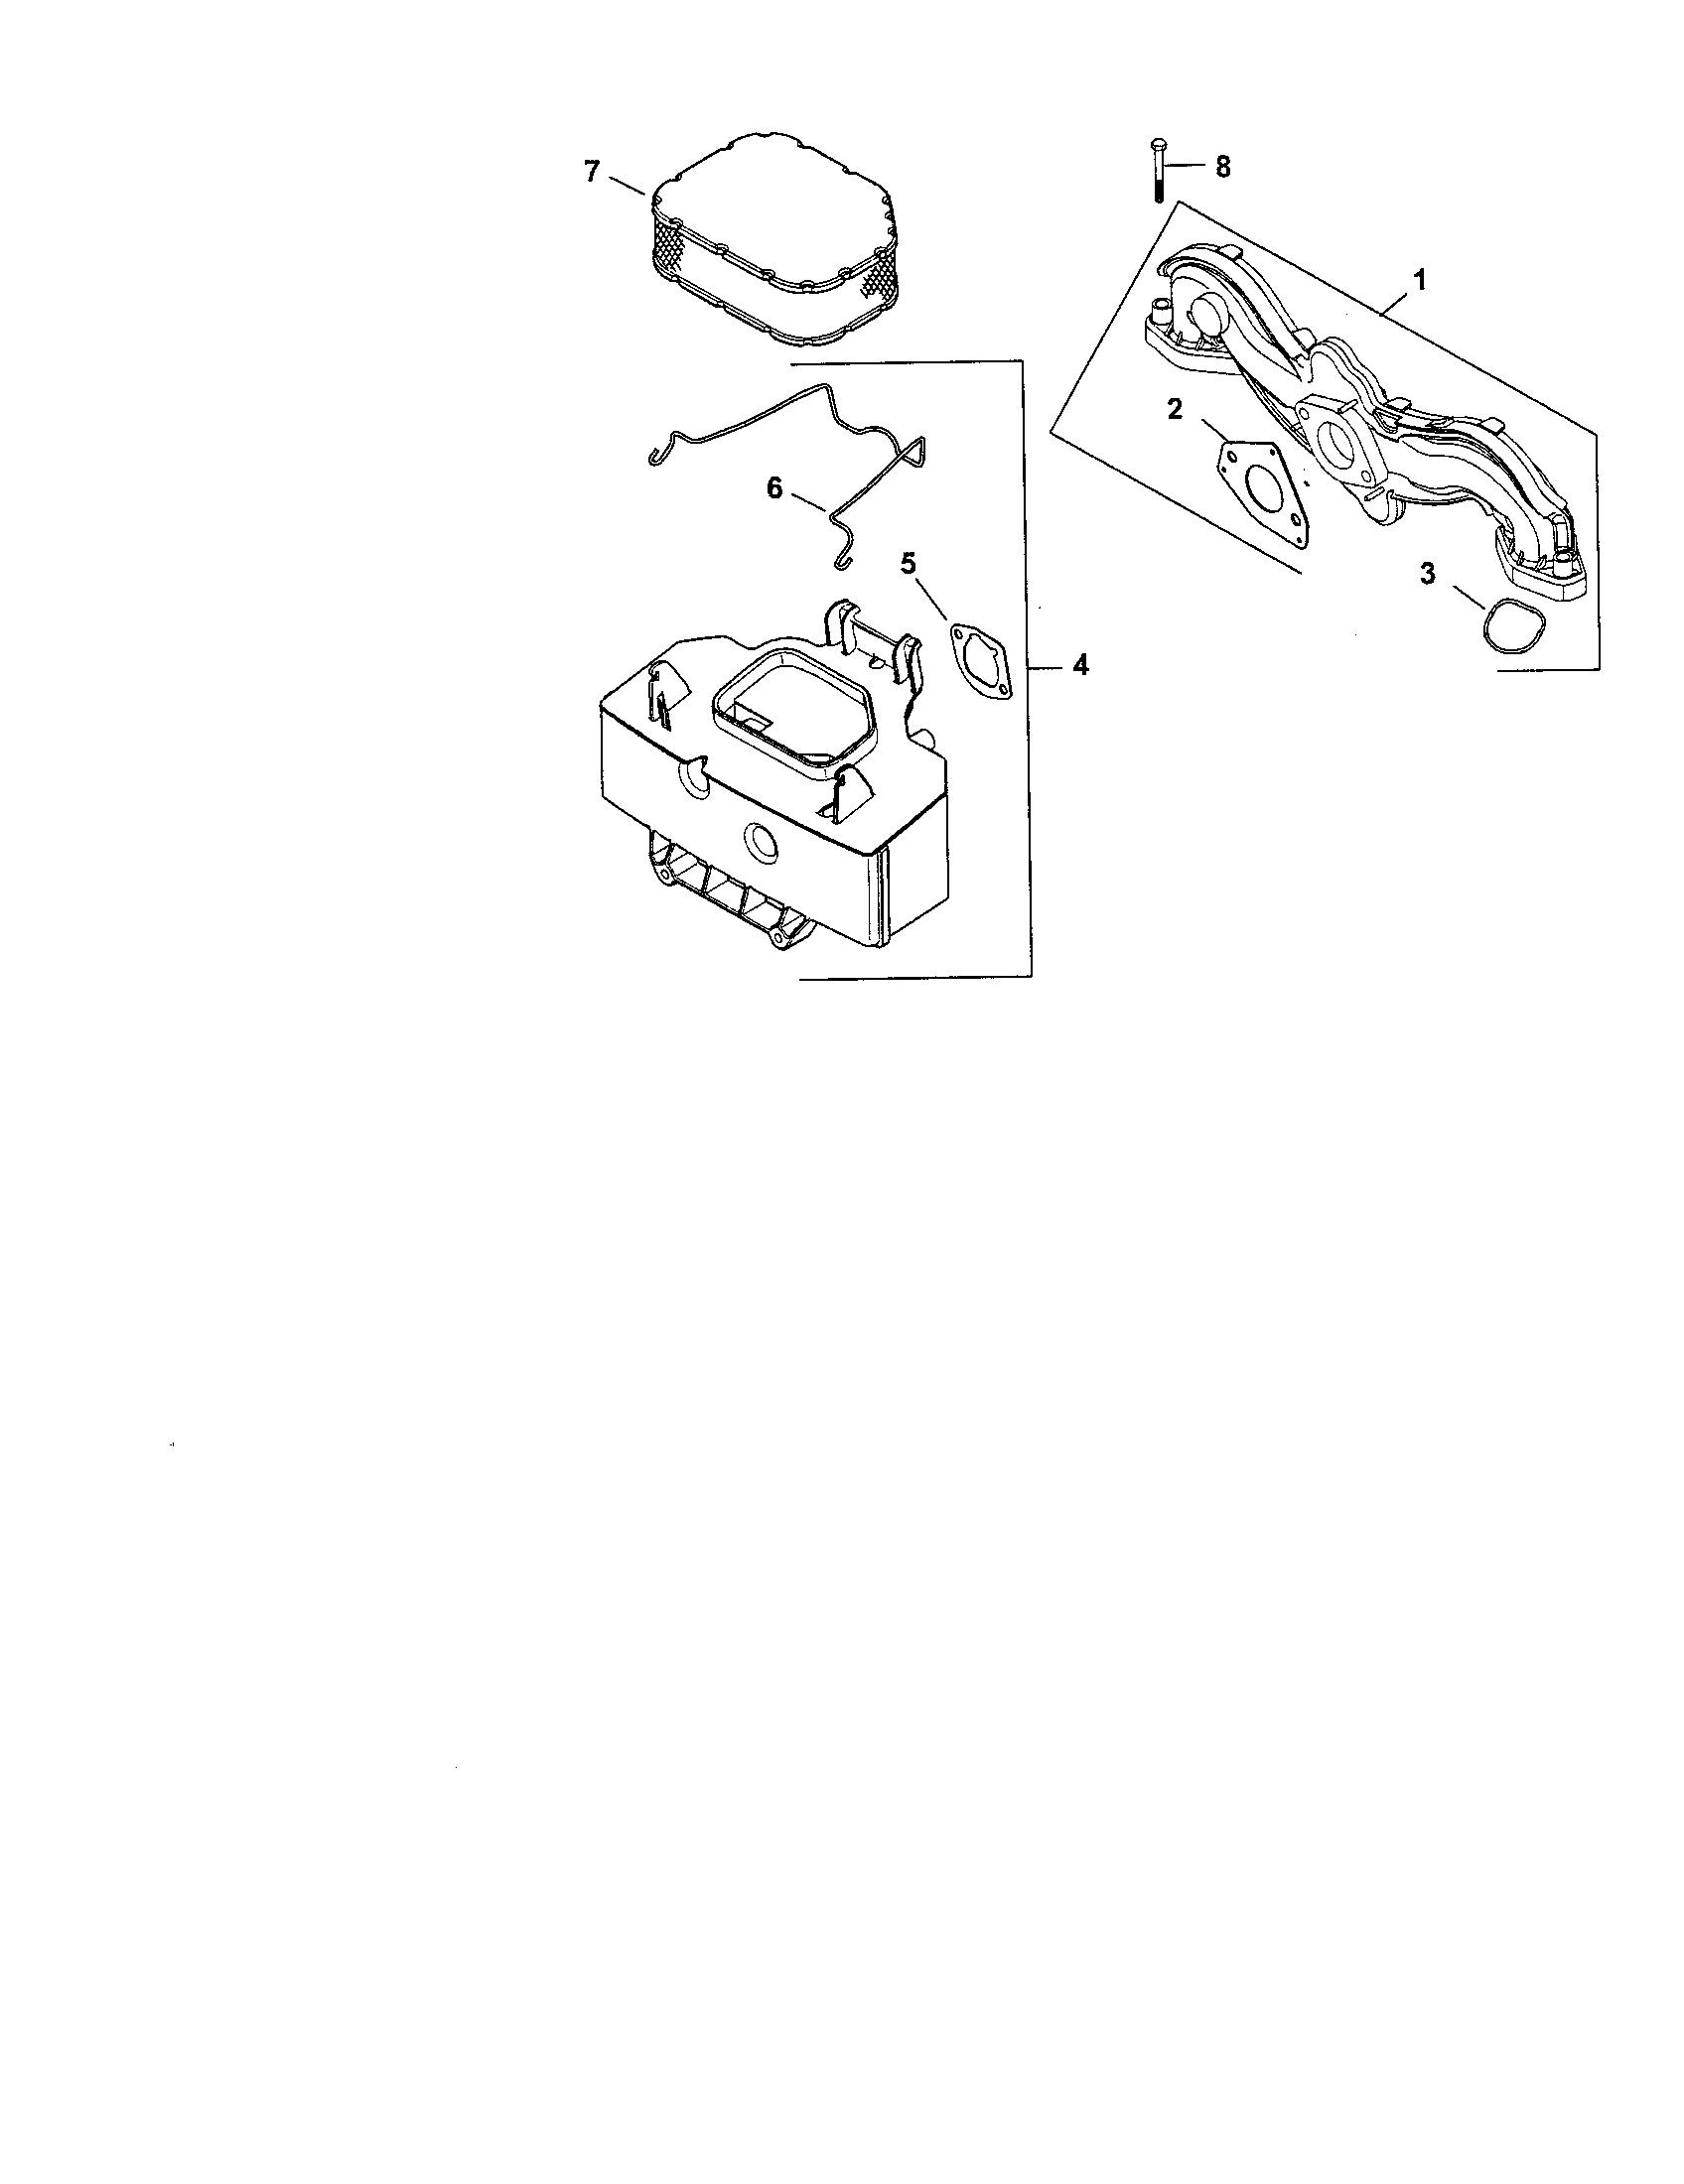 Kohler model SV735-0012 engine genuine parts